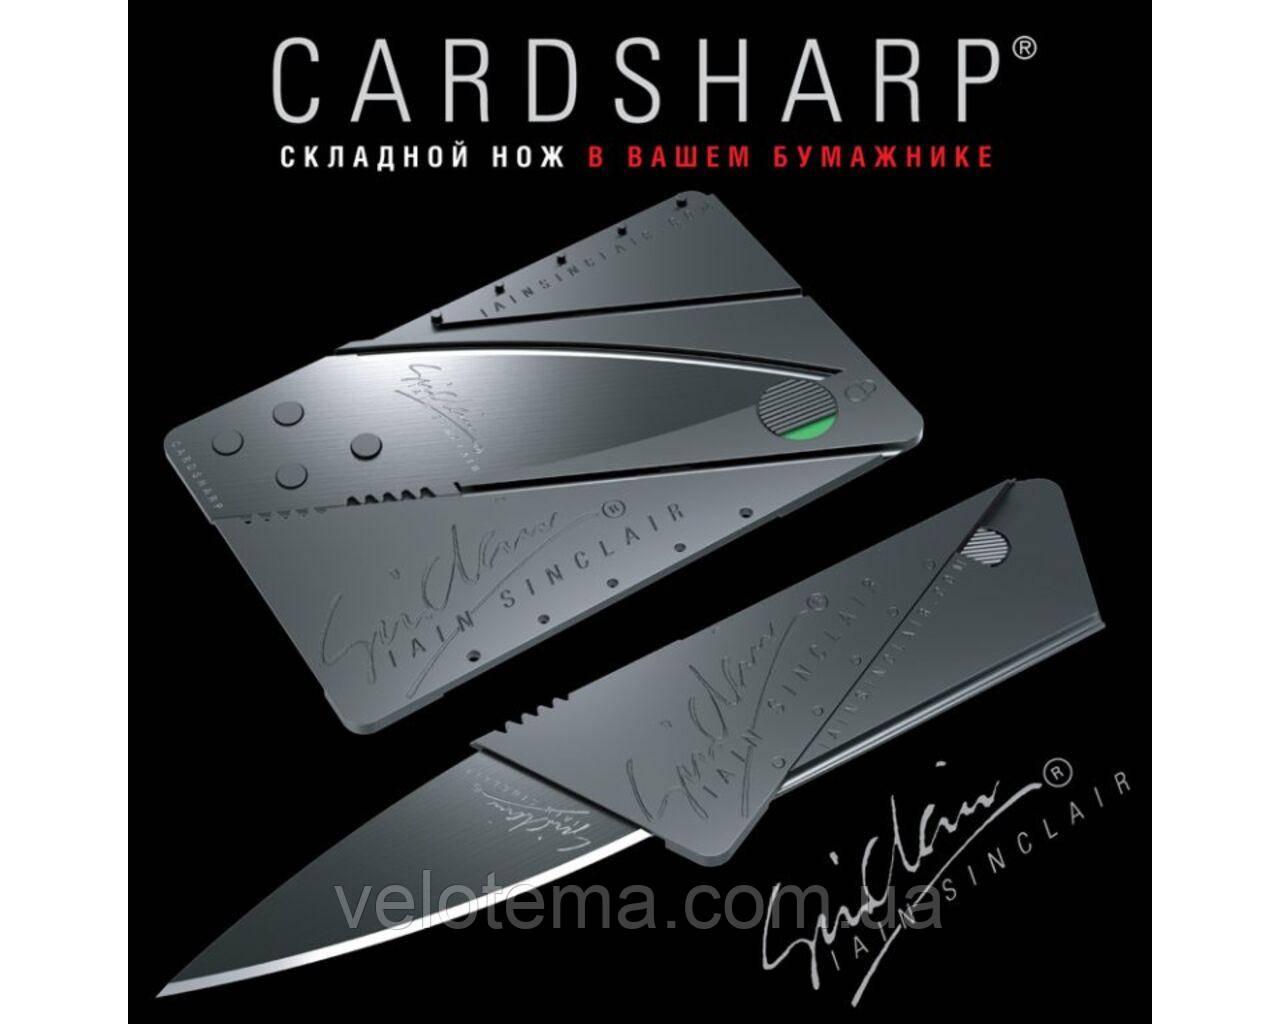 Нож–кредитка CardSharp 2 AR1